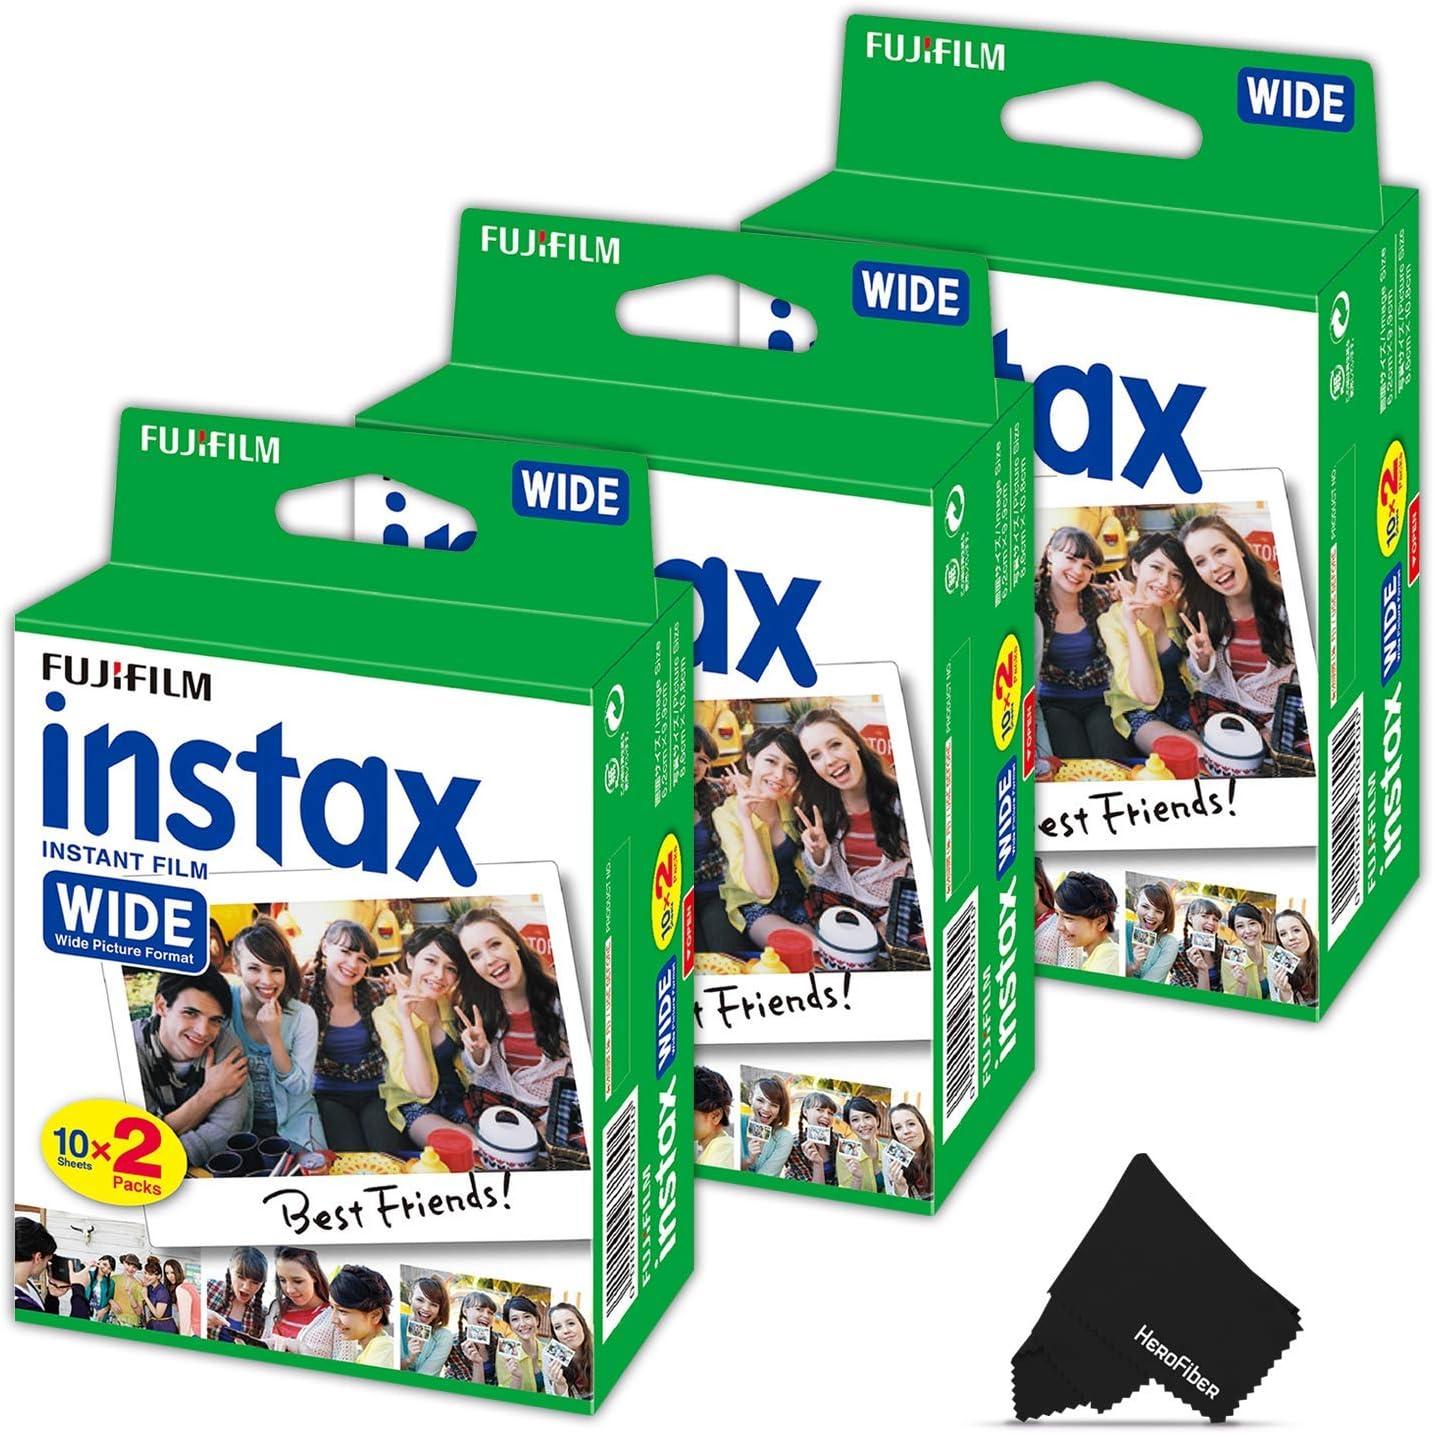 Fujifilm Instax Wide - Película instantánea 3 Pack (3 x 20) Total de 60 - Hojas de Fotos Compatible con Fujifilm Instax Wide 300, 210 y 200 Instant cámaras: Amazon.es: Electrónica